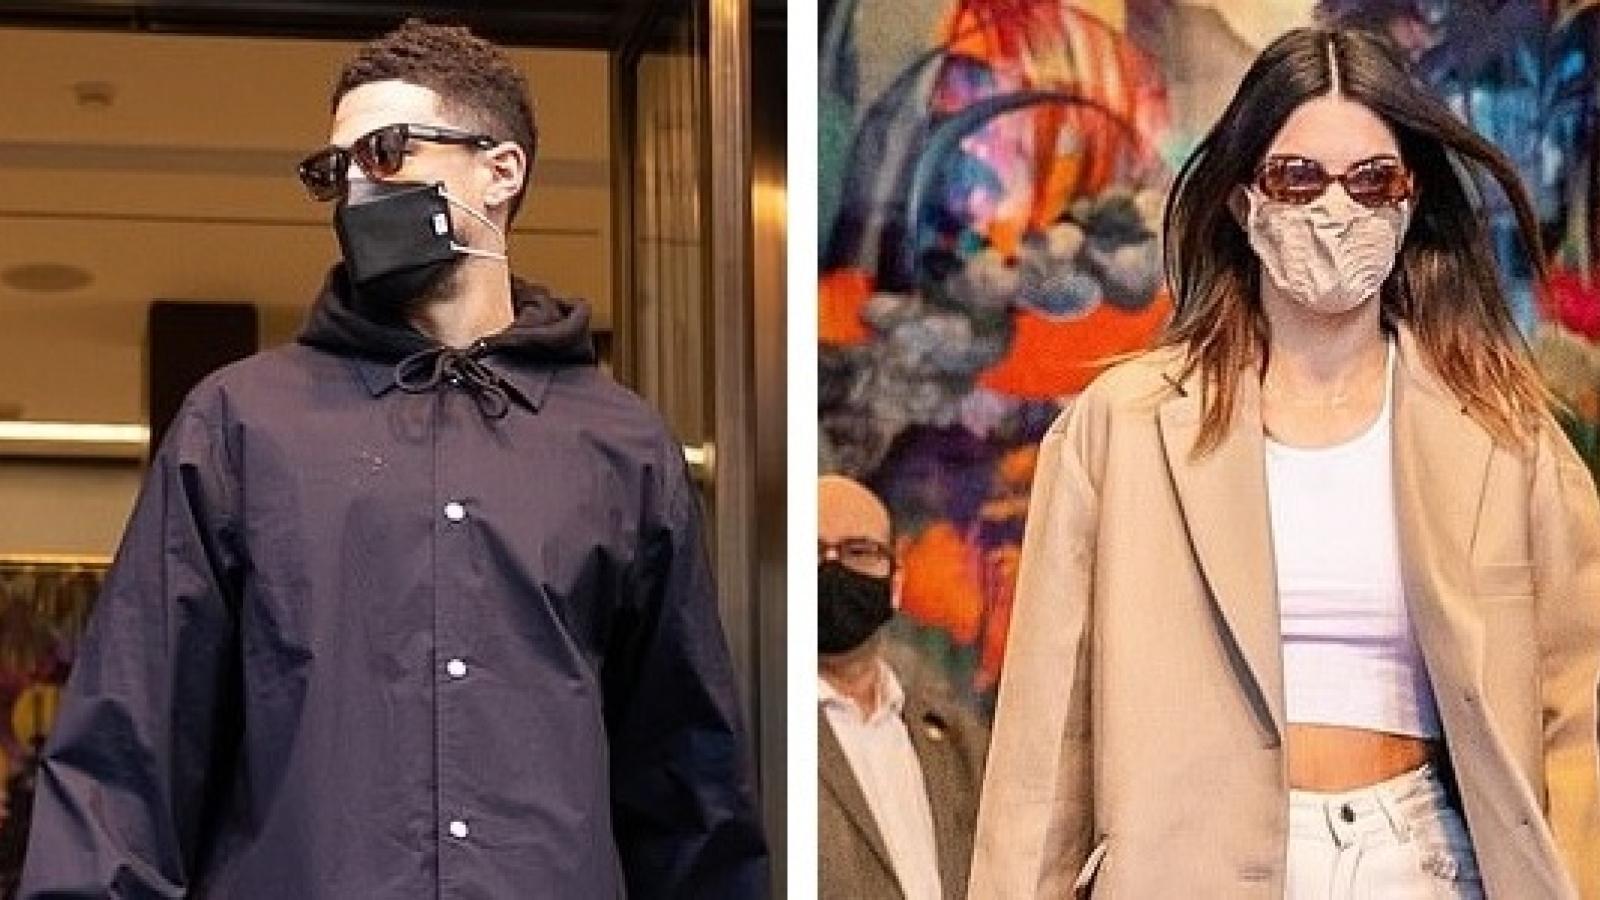 Kendall Jenner diện blazer sành điệu rời khỏi khách sạn cùng bạn trai